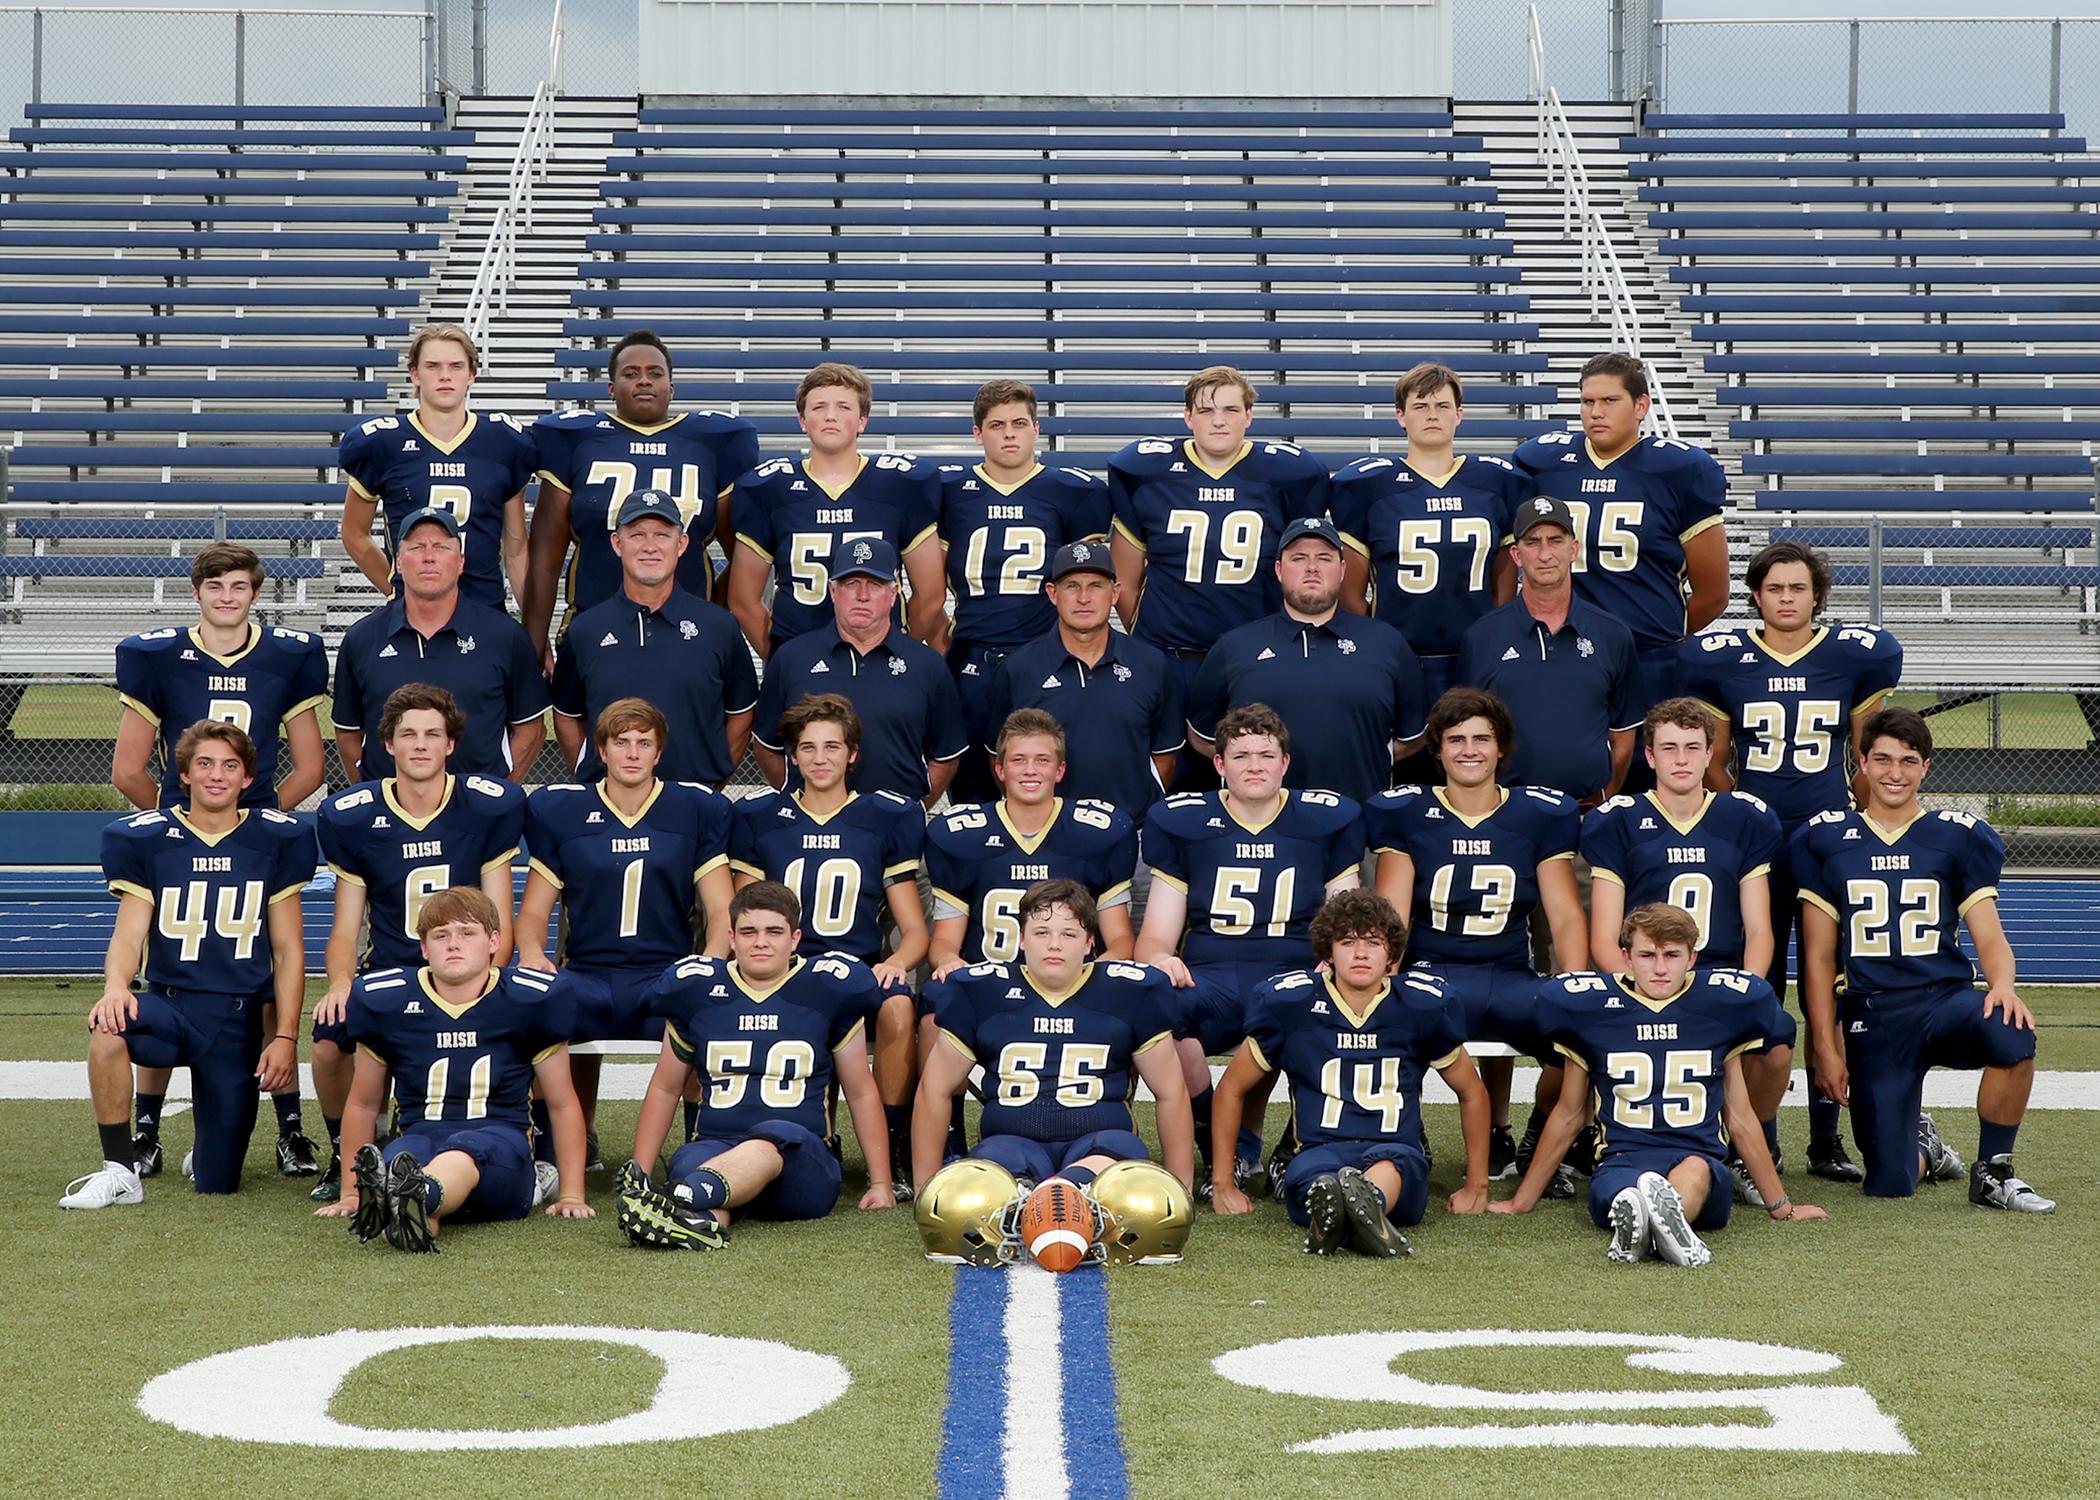 Varsity Football Team RJR_0050